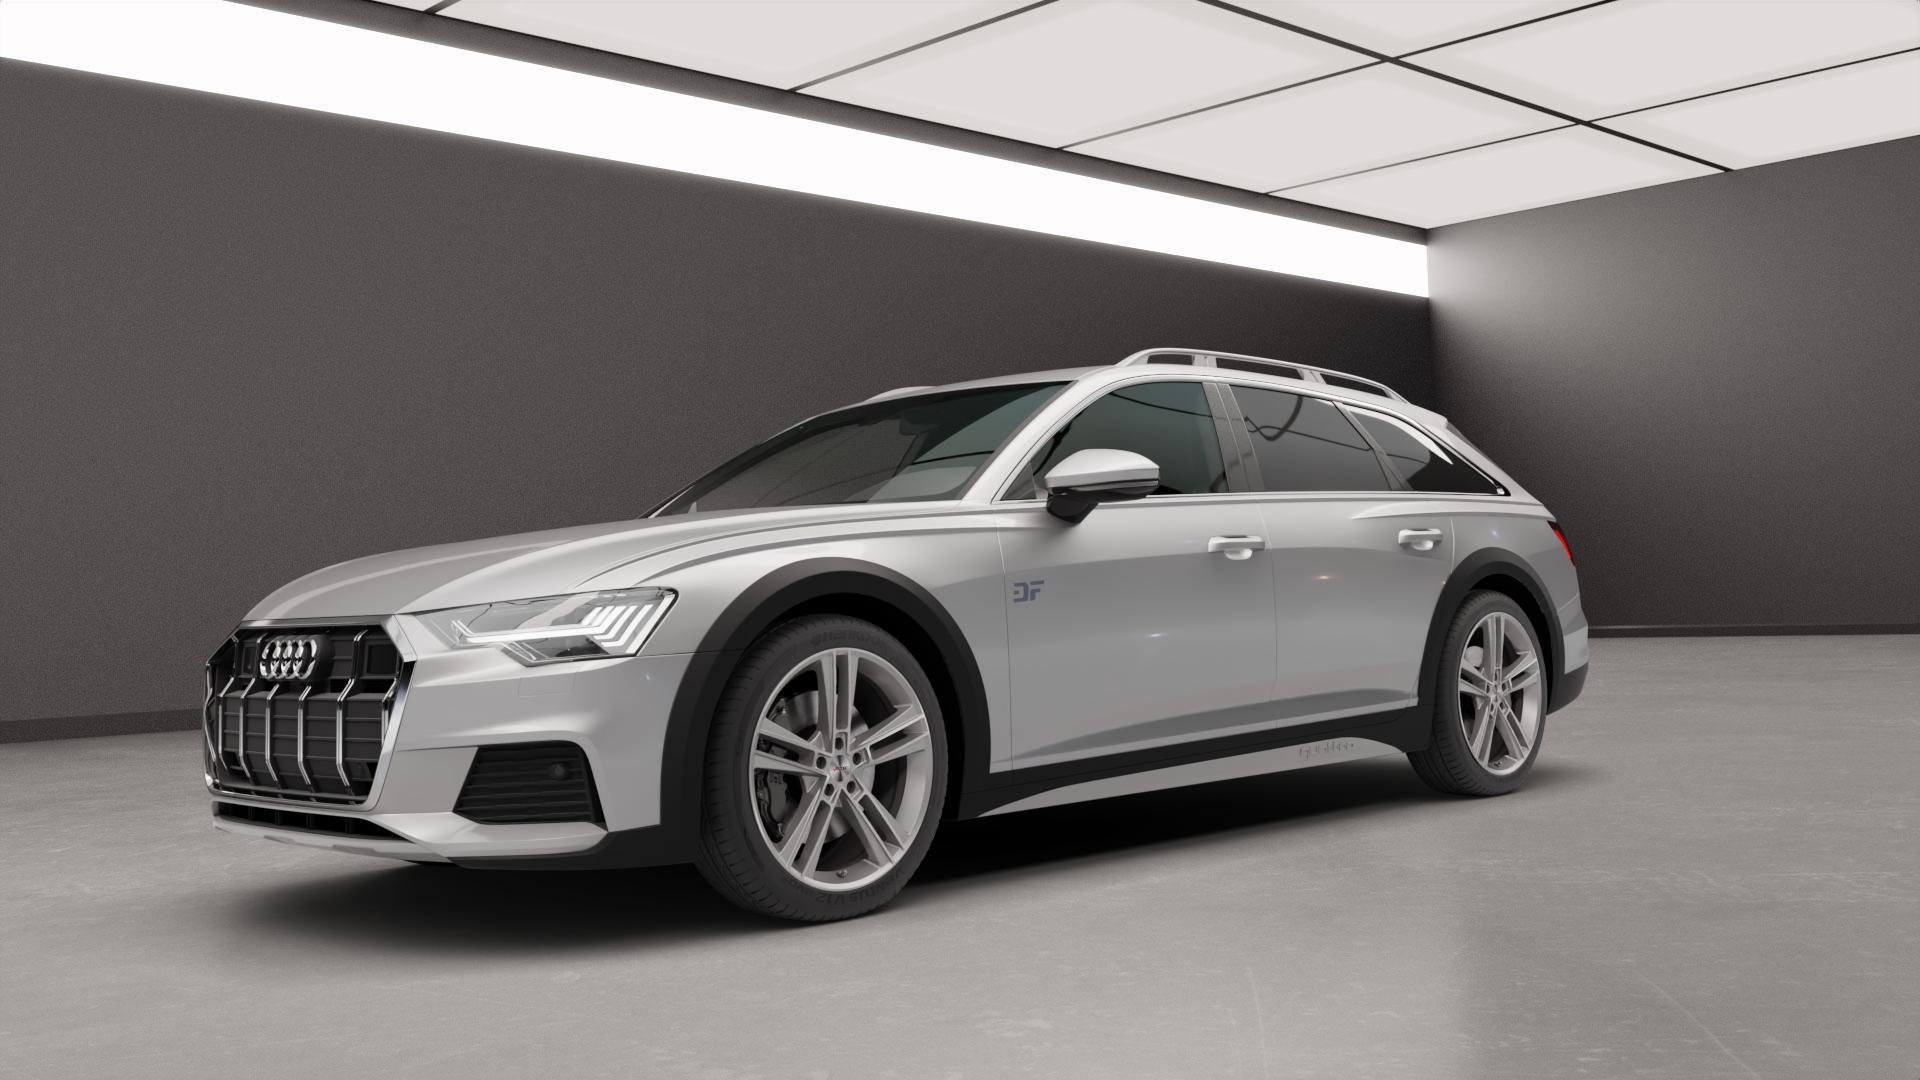 AUTEC Rias Titansilber matt poliert Felge mit Reifen grau in 20Zoll Alufelge auf silbernem Audi A6 Allroad Quattro Typ F2/C8 ⬇️ mit 15mm Tieferlegung ⬇️ Neutral_mid_max5300mm Frontansicht_1